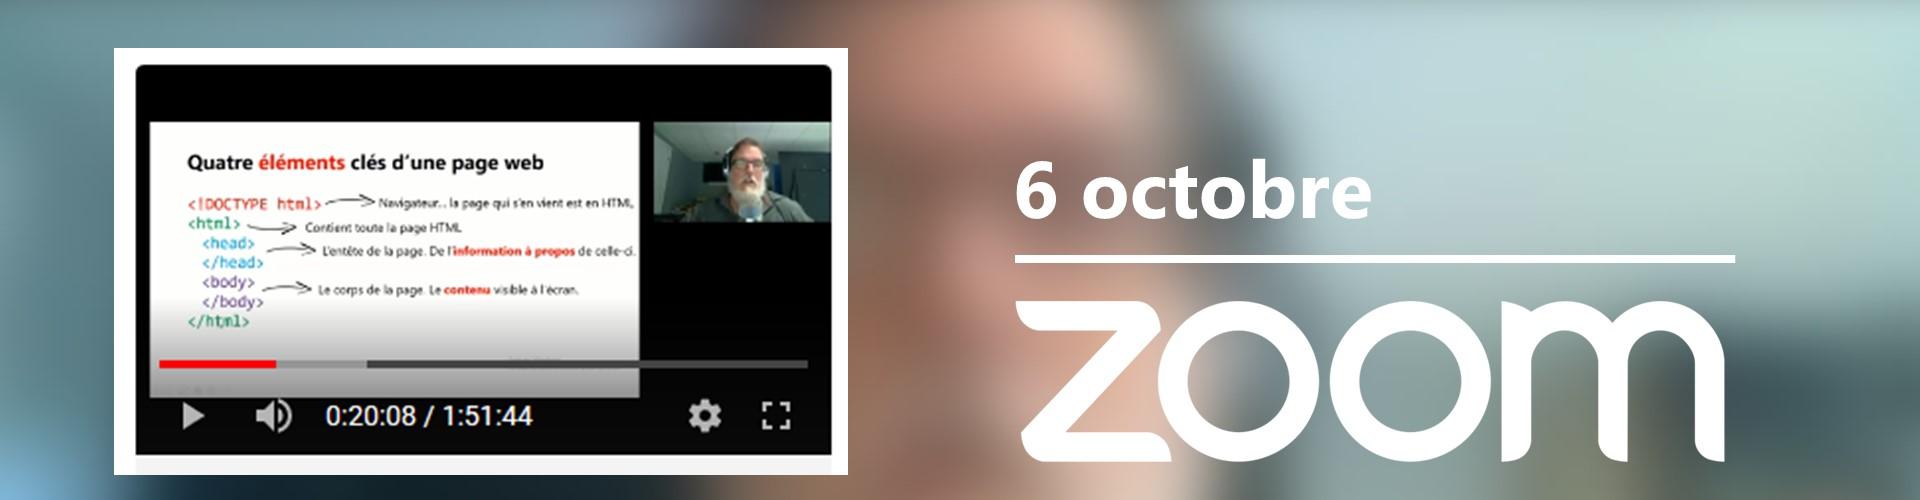 Rencontre du 6 octobre sur Zoom